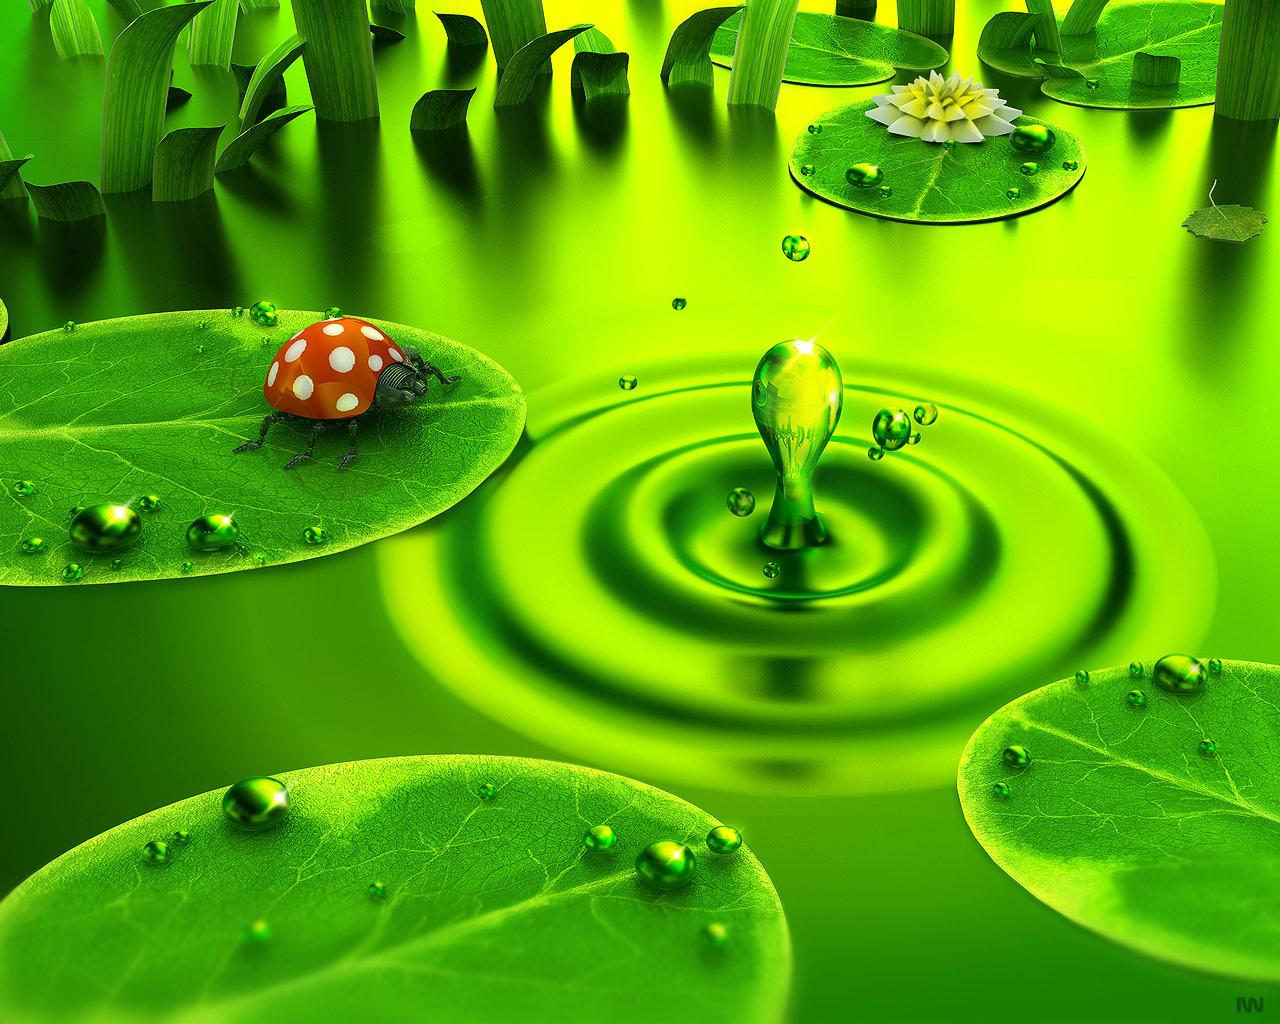 http://2.bp.blogspot.com/-KzzEqhzrvBQ/T7DOBKakyqI/AAAAAAAAAp8/JnF7OUGzzv4/s1600/hinh-nen-3d-22.jpg